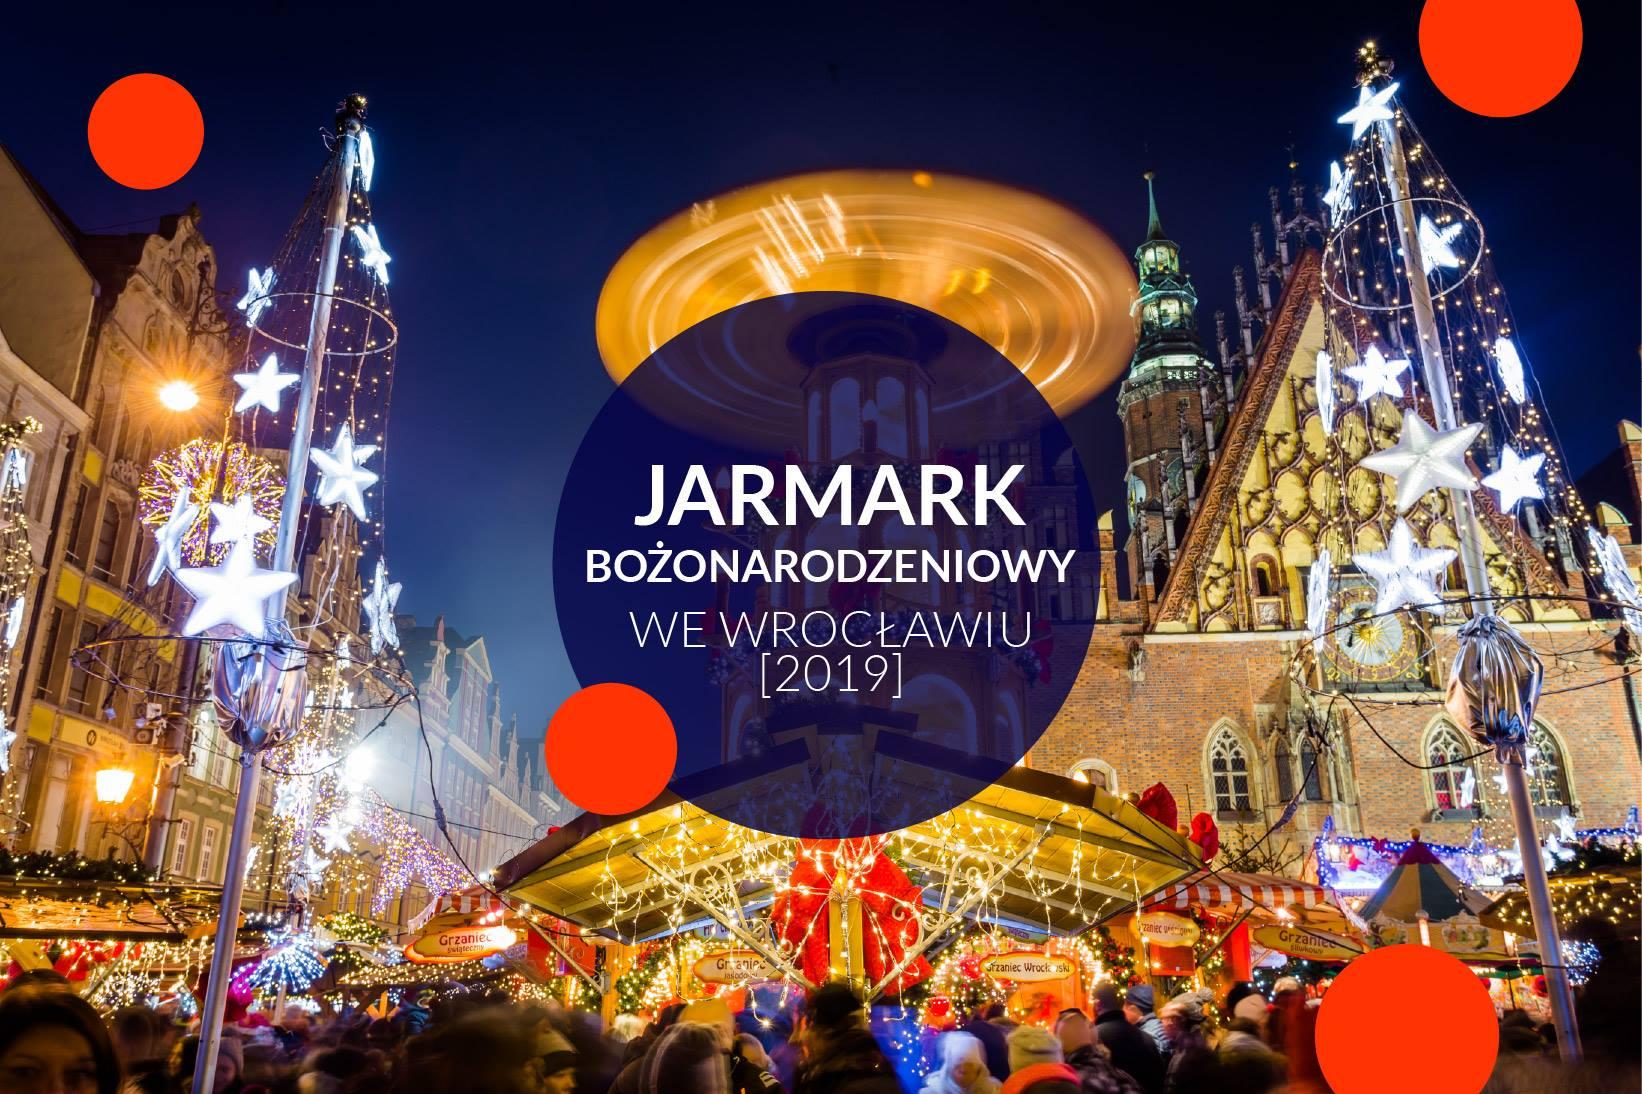 Jarmark Bożonarodzeniowy 2019 we Wrocławiu